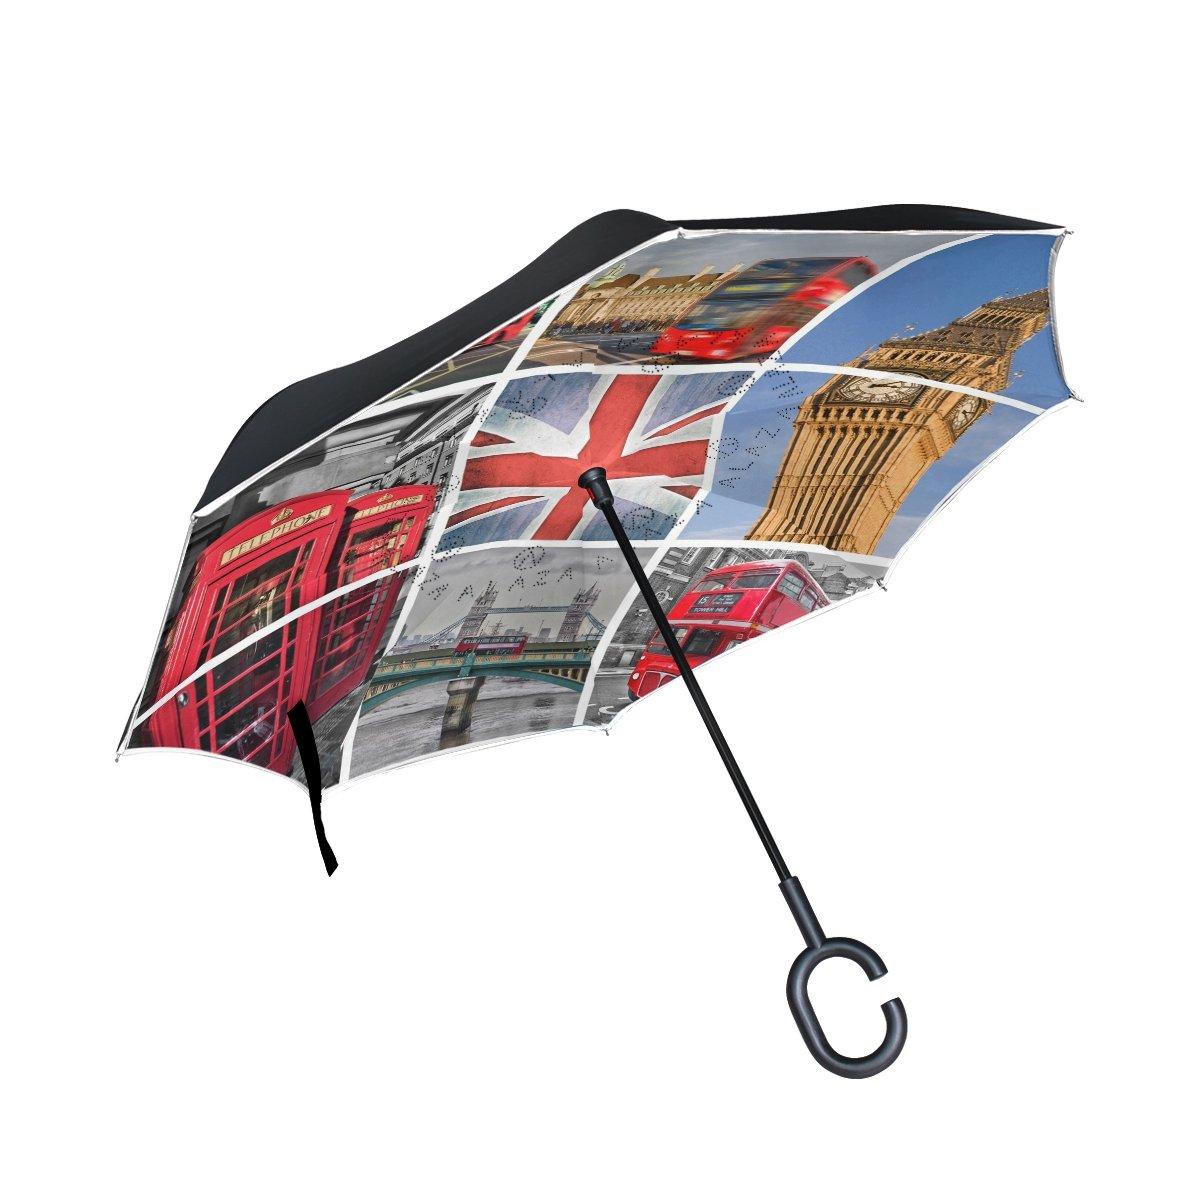 e4ab39dc5e 60%OFF ALAZA Cityscape London Union Jack Big Ben Tower Bridge Inverted  Umbrella